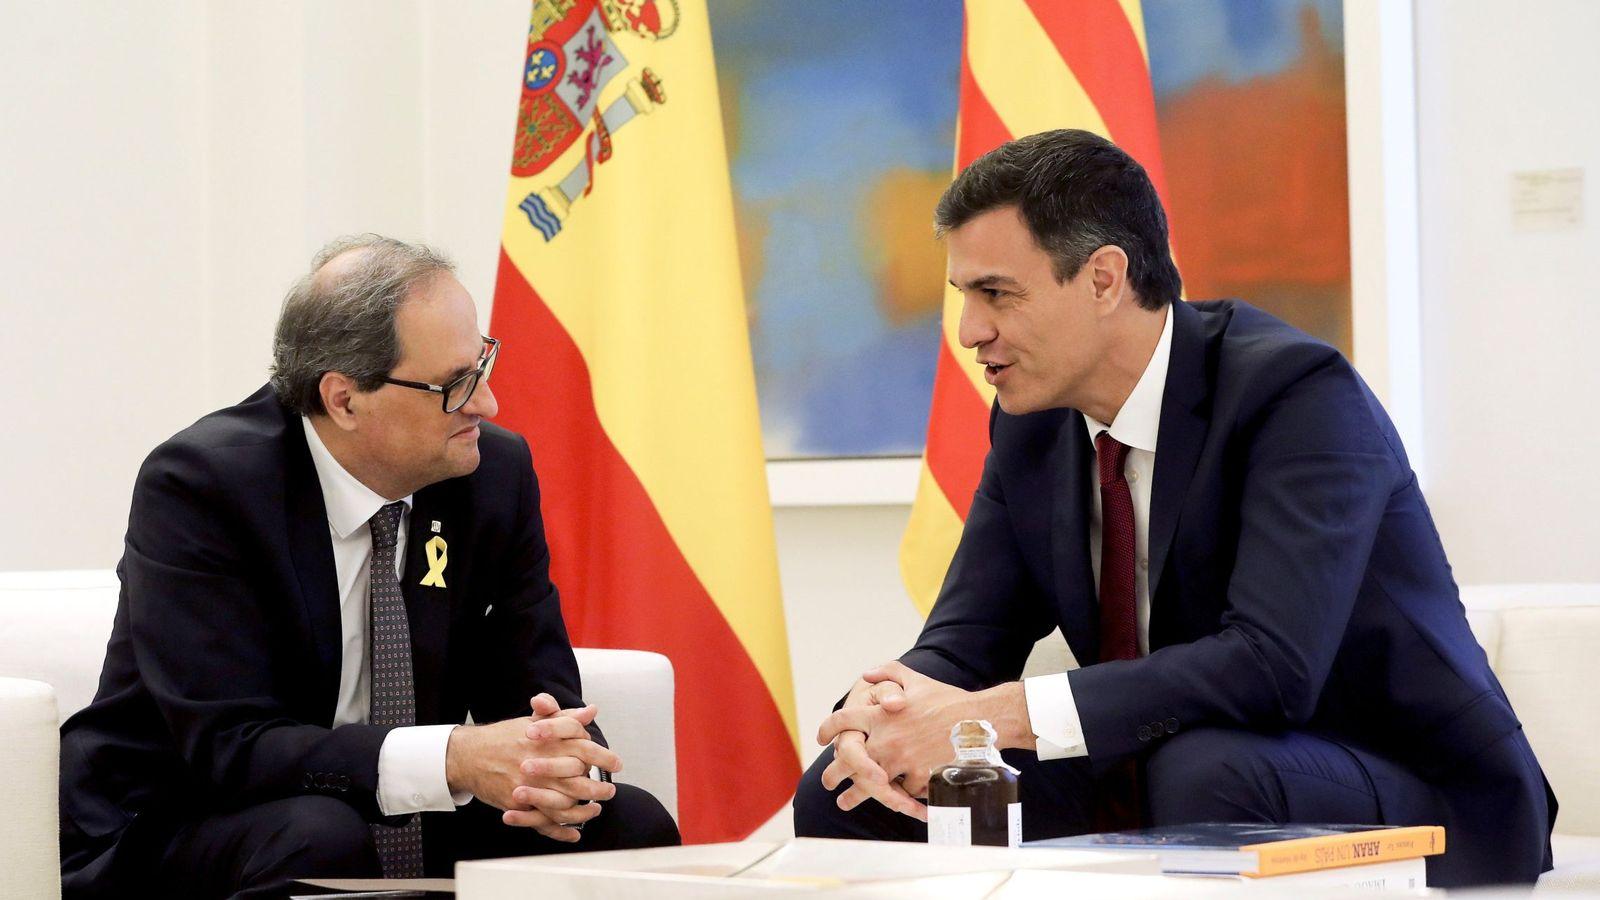 Foto: El presidente del Gobierno, Pedro Sánchez, y el 'president' de la Generalitat, Quim Torra, durante la reunión. (EFE)